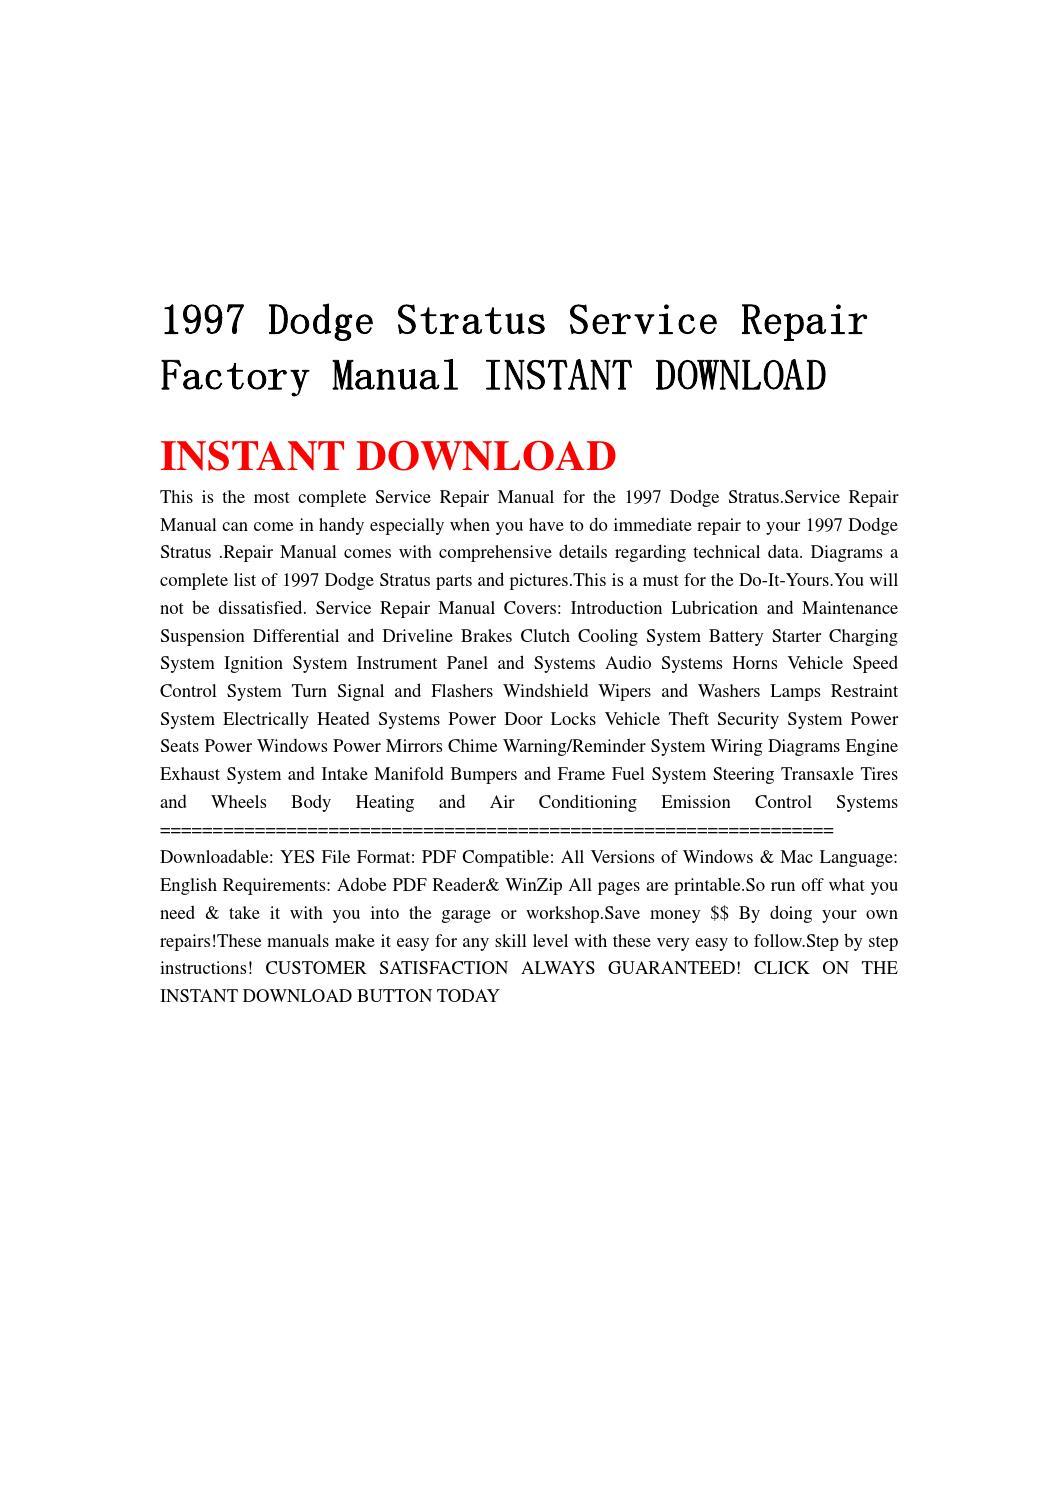 1997 Dodge Stratus Service Repair Factory Manual Instant